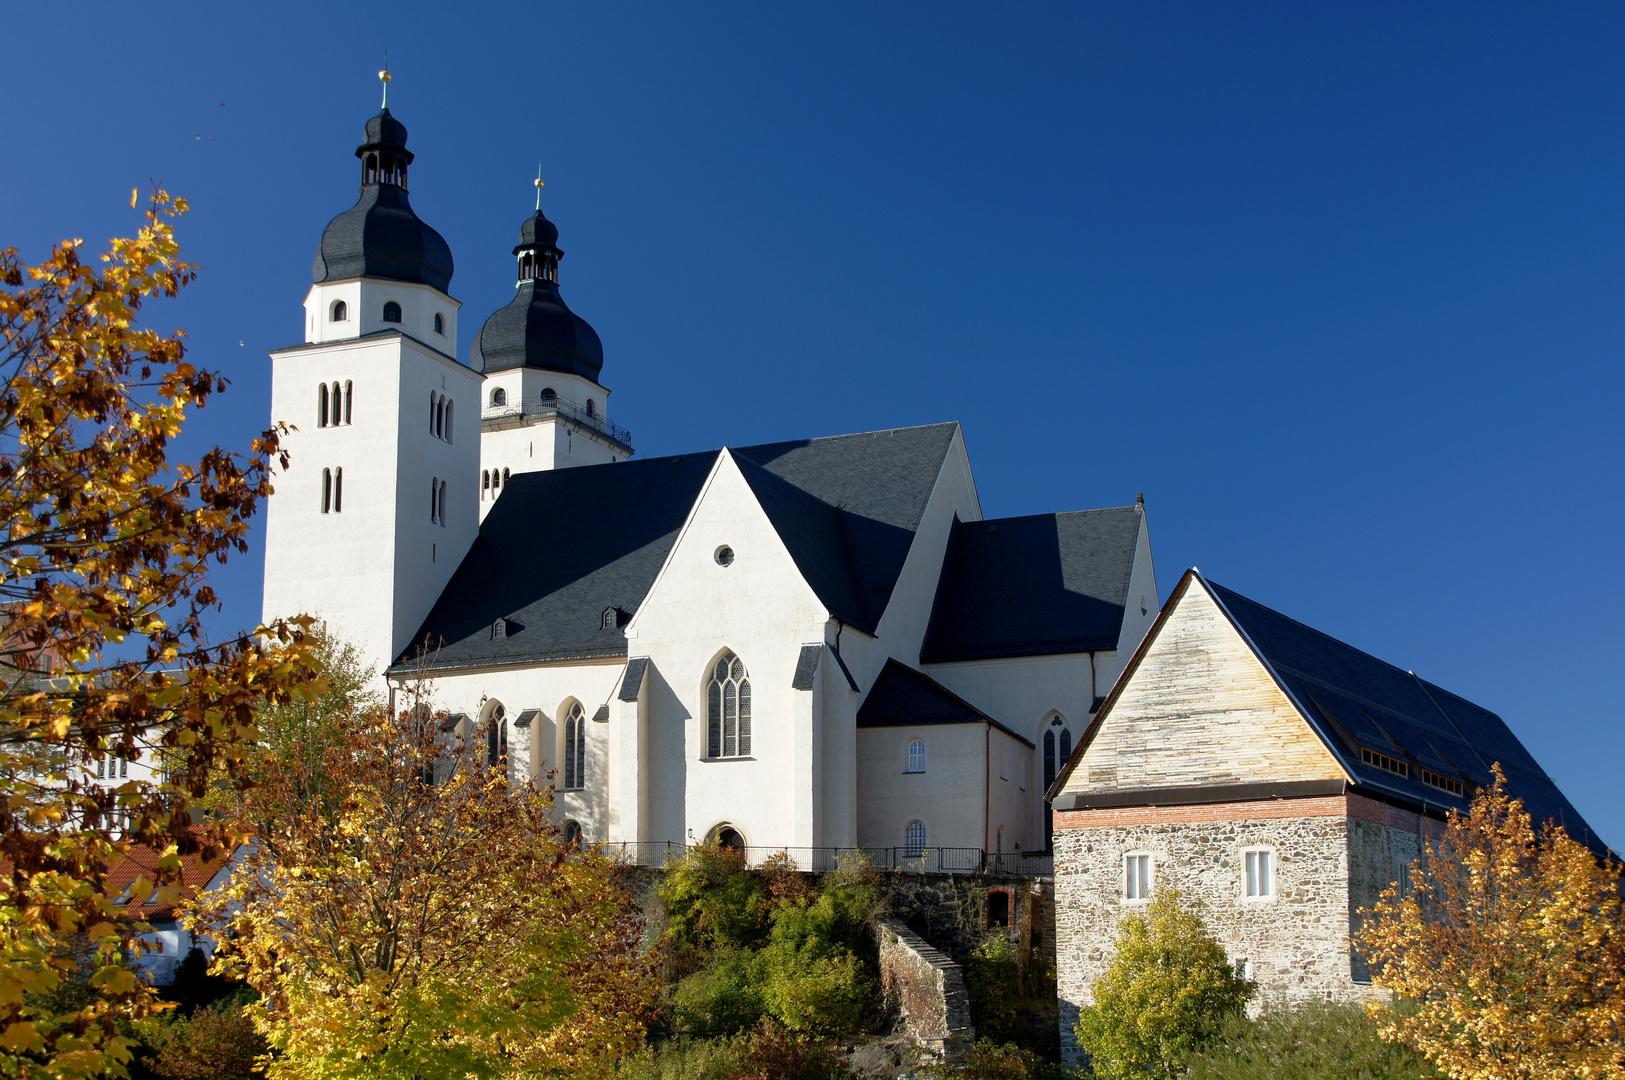 St. Johanniskirche und Komturhof - älteste Gebäude der Stadt Plauen